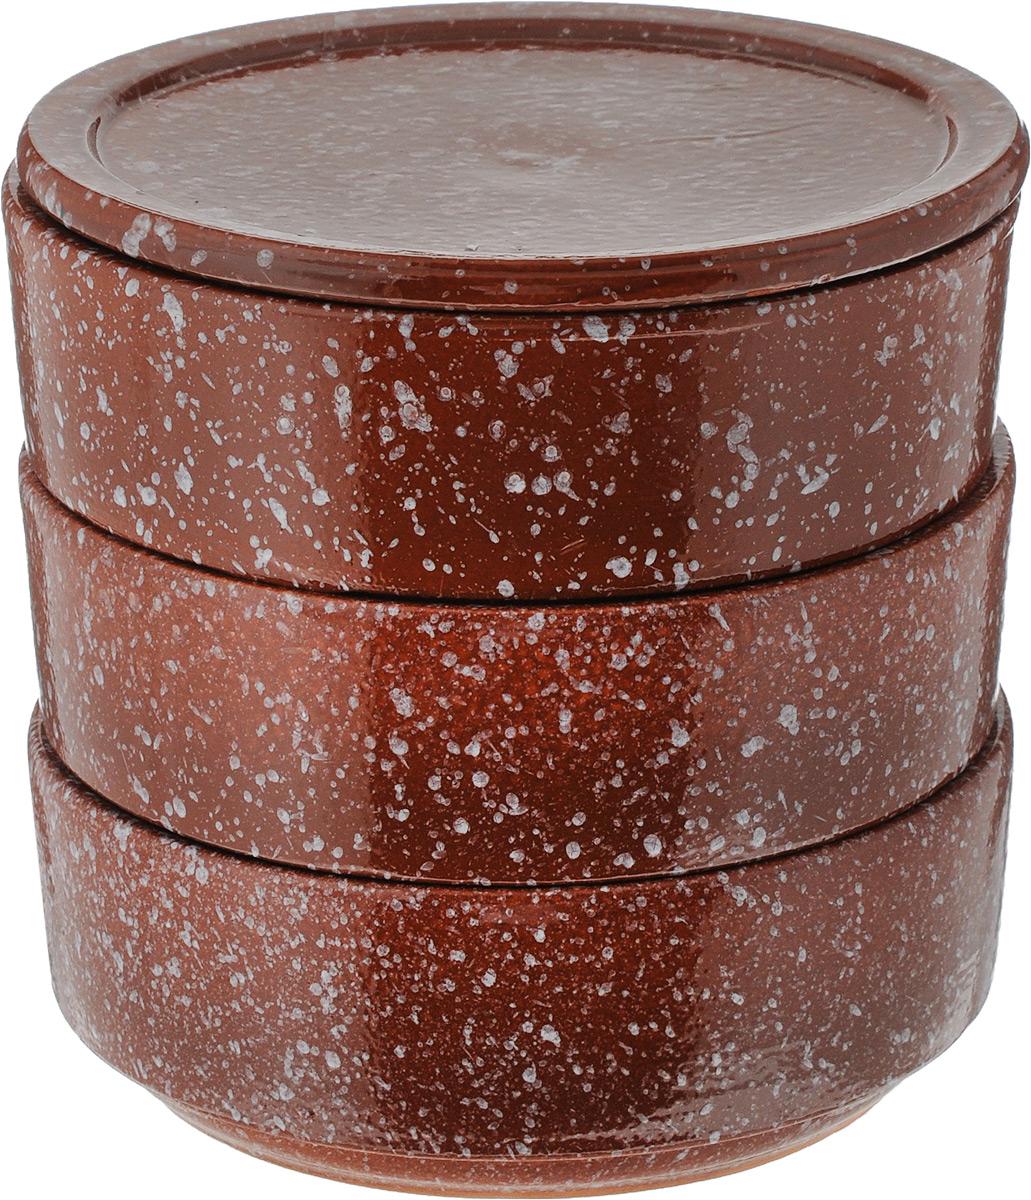 Набор блюд для холодца Ломоносовская керамика, с крышкой, цвет: коричневый, 0,65 л, 3 шт2Н3мк-17Блюда Ломоносовская керамика, изготовленные из глины, предназначены дляприготовления и хранения заливного или холодца. В комплект входит плоская керамическаякрышка.Также блюда можно использовать для приготовления и хранения салатов. Такие блюда украсят сервировку вашего стола и подчеркнут прекрасный вкус хозяйки. Диаметр блюда: 15,2 см, Высота блюда: 5,5 см, Объем блюда: 0,65 л.